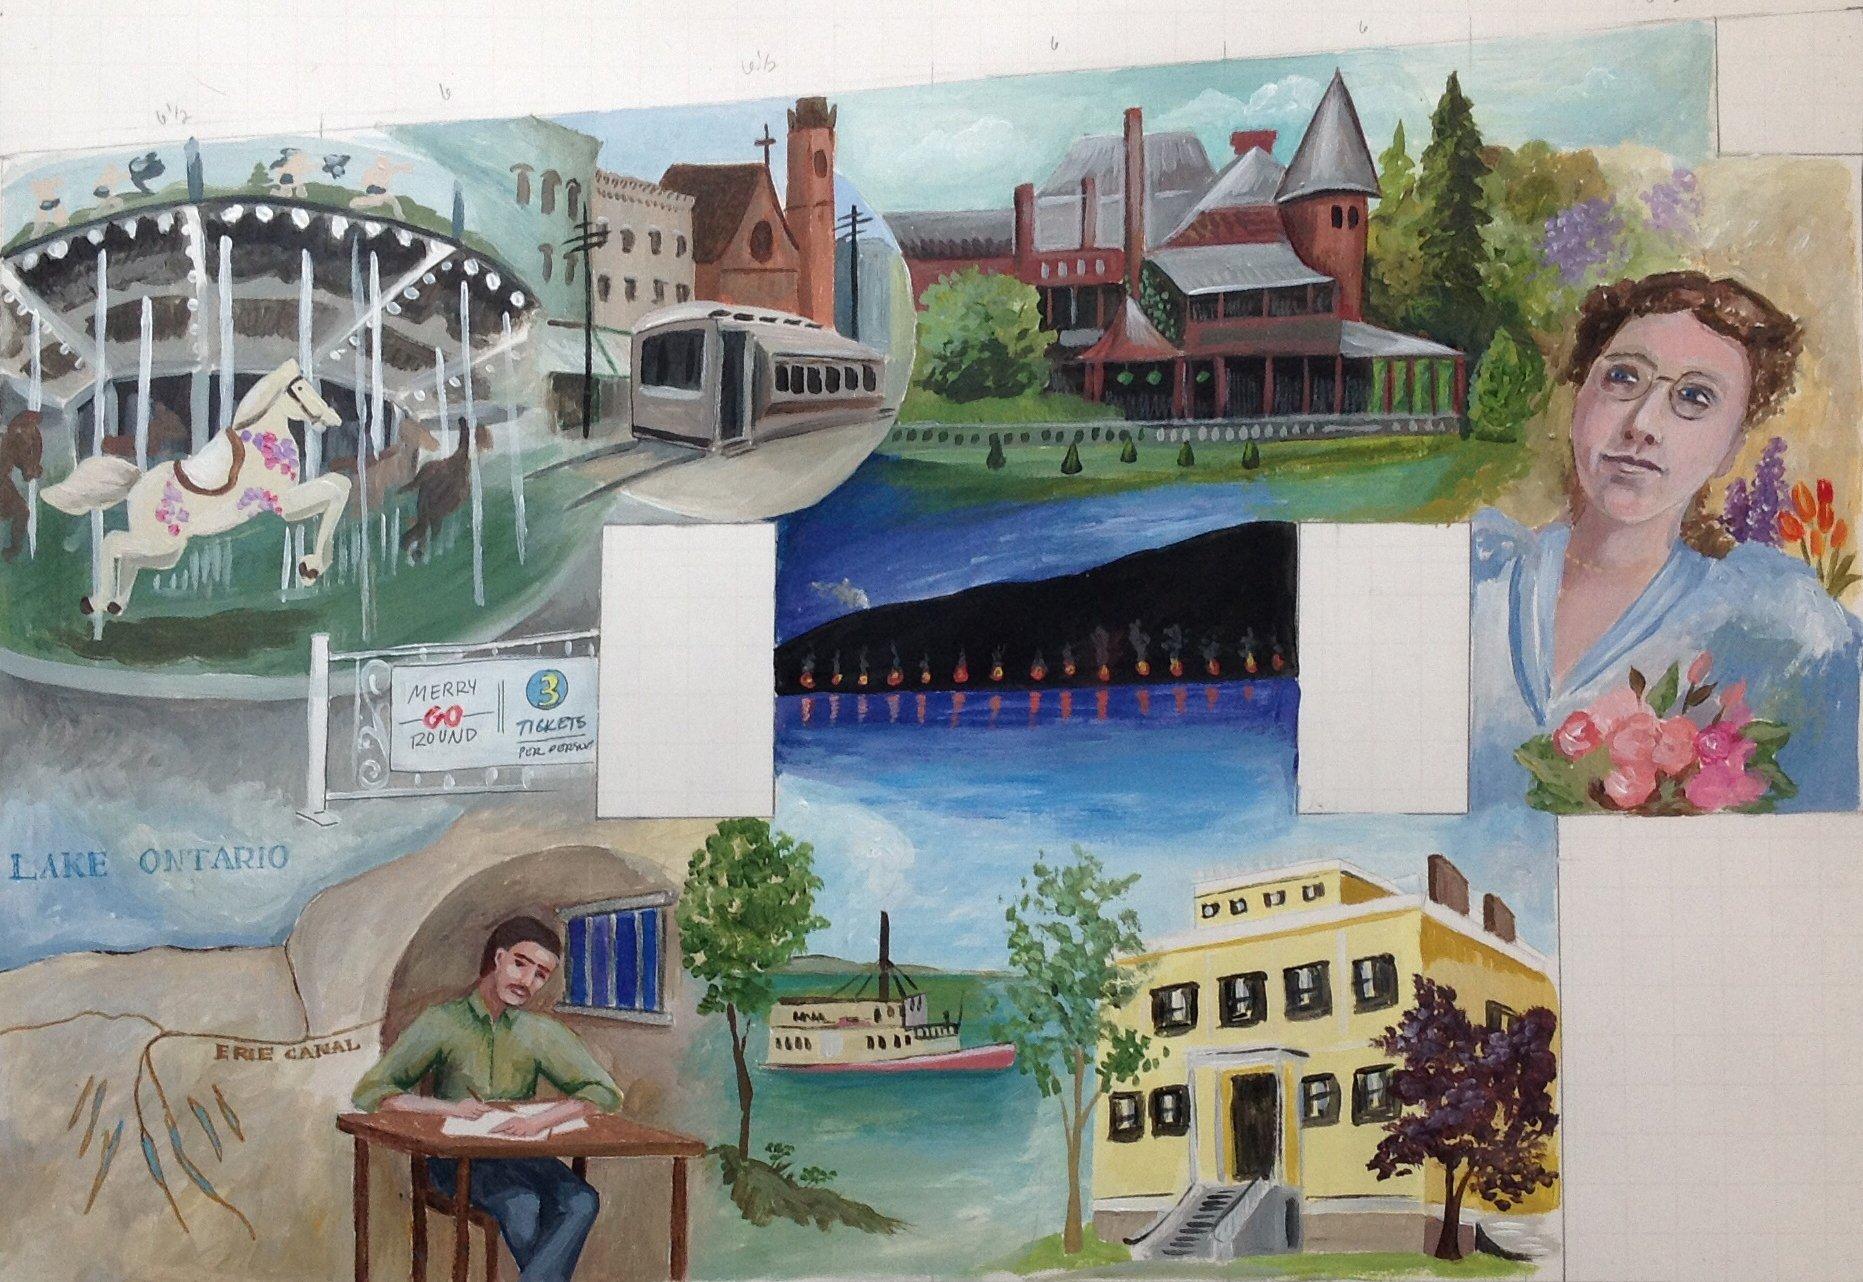 colburn mural canandaigua coach street